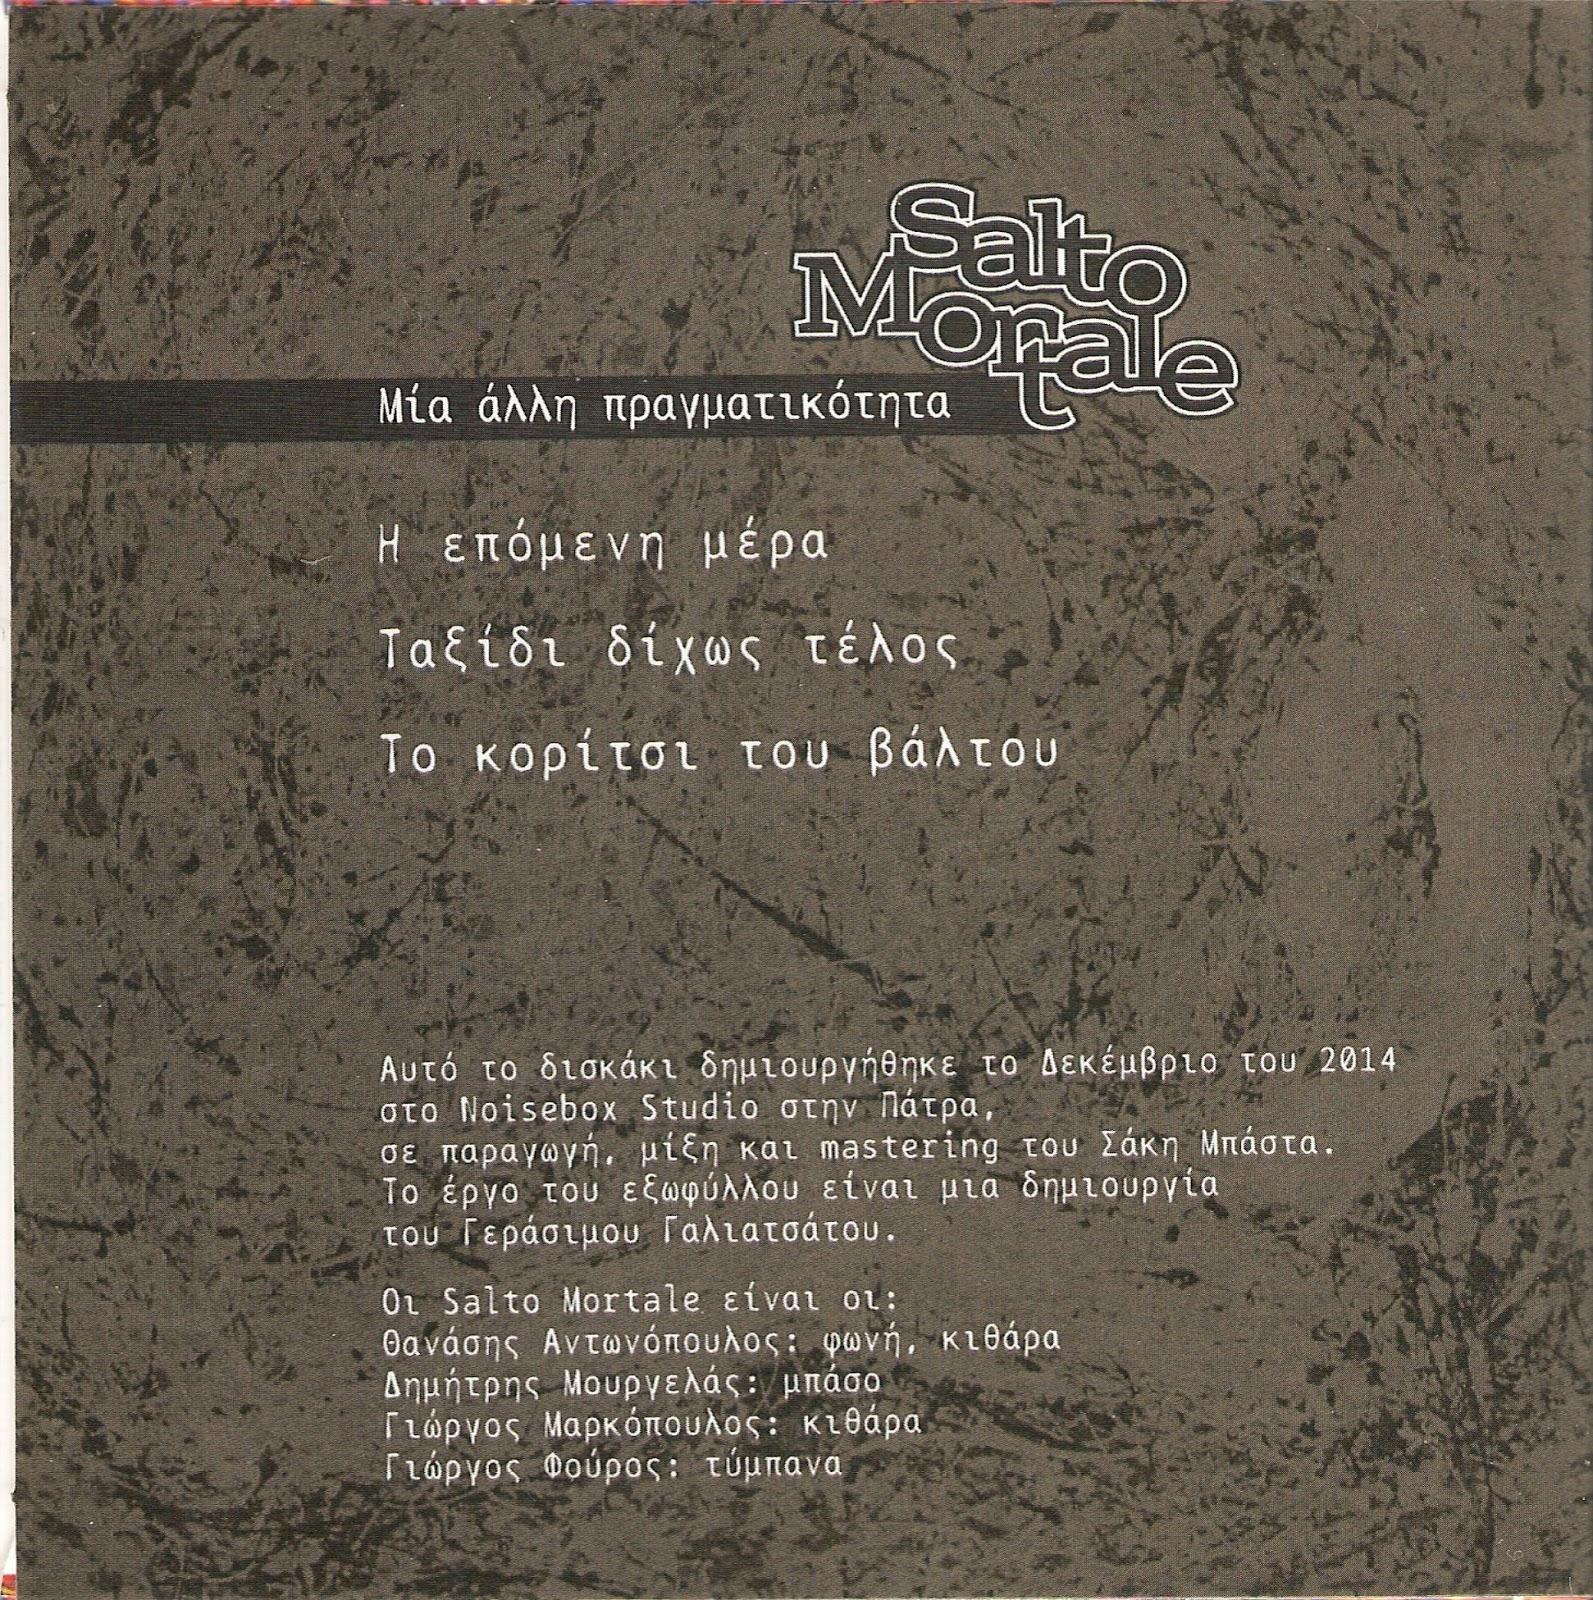 SALTO MORTALE - Μία άλλη πραγματικότητα_back